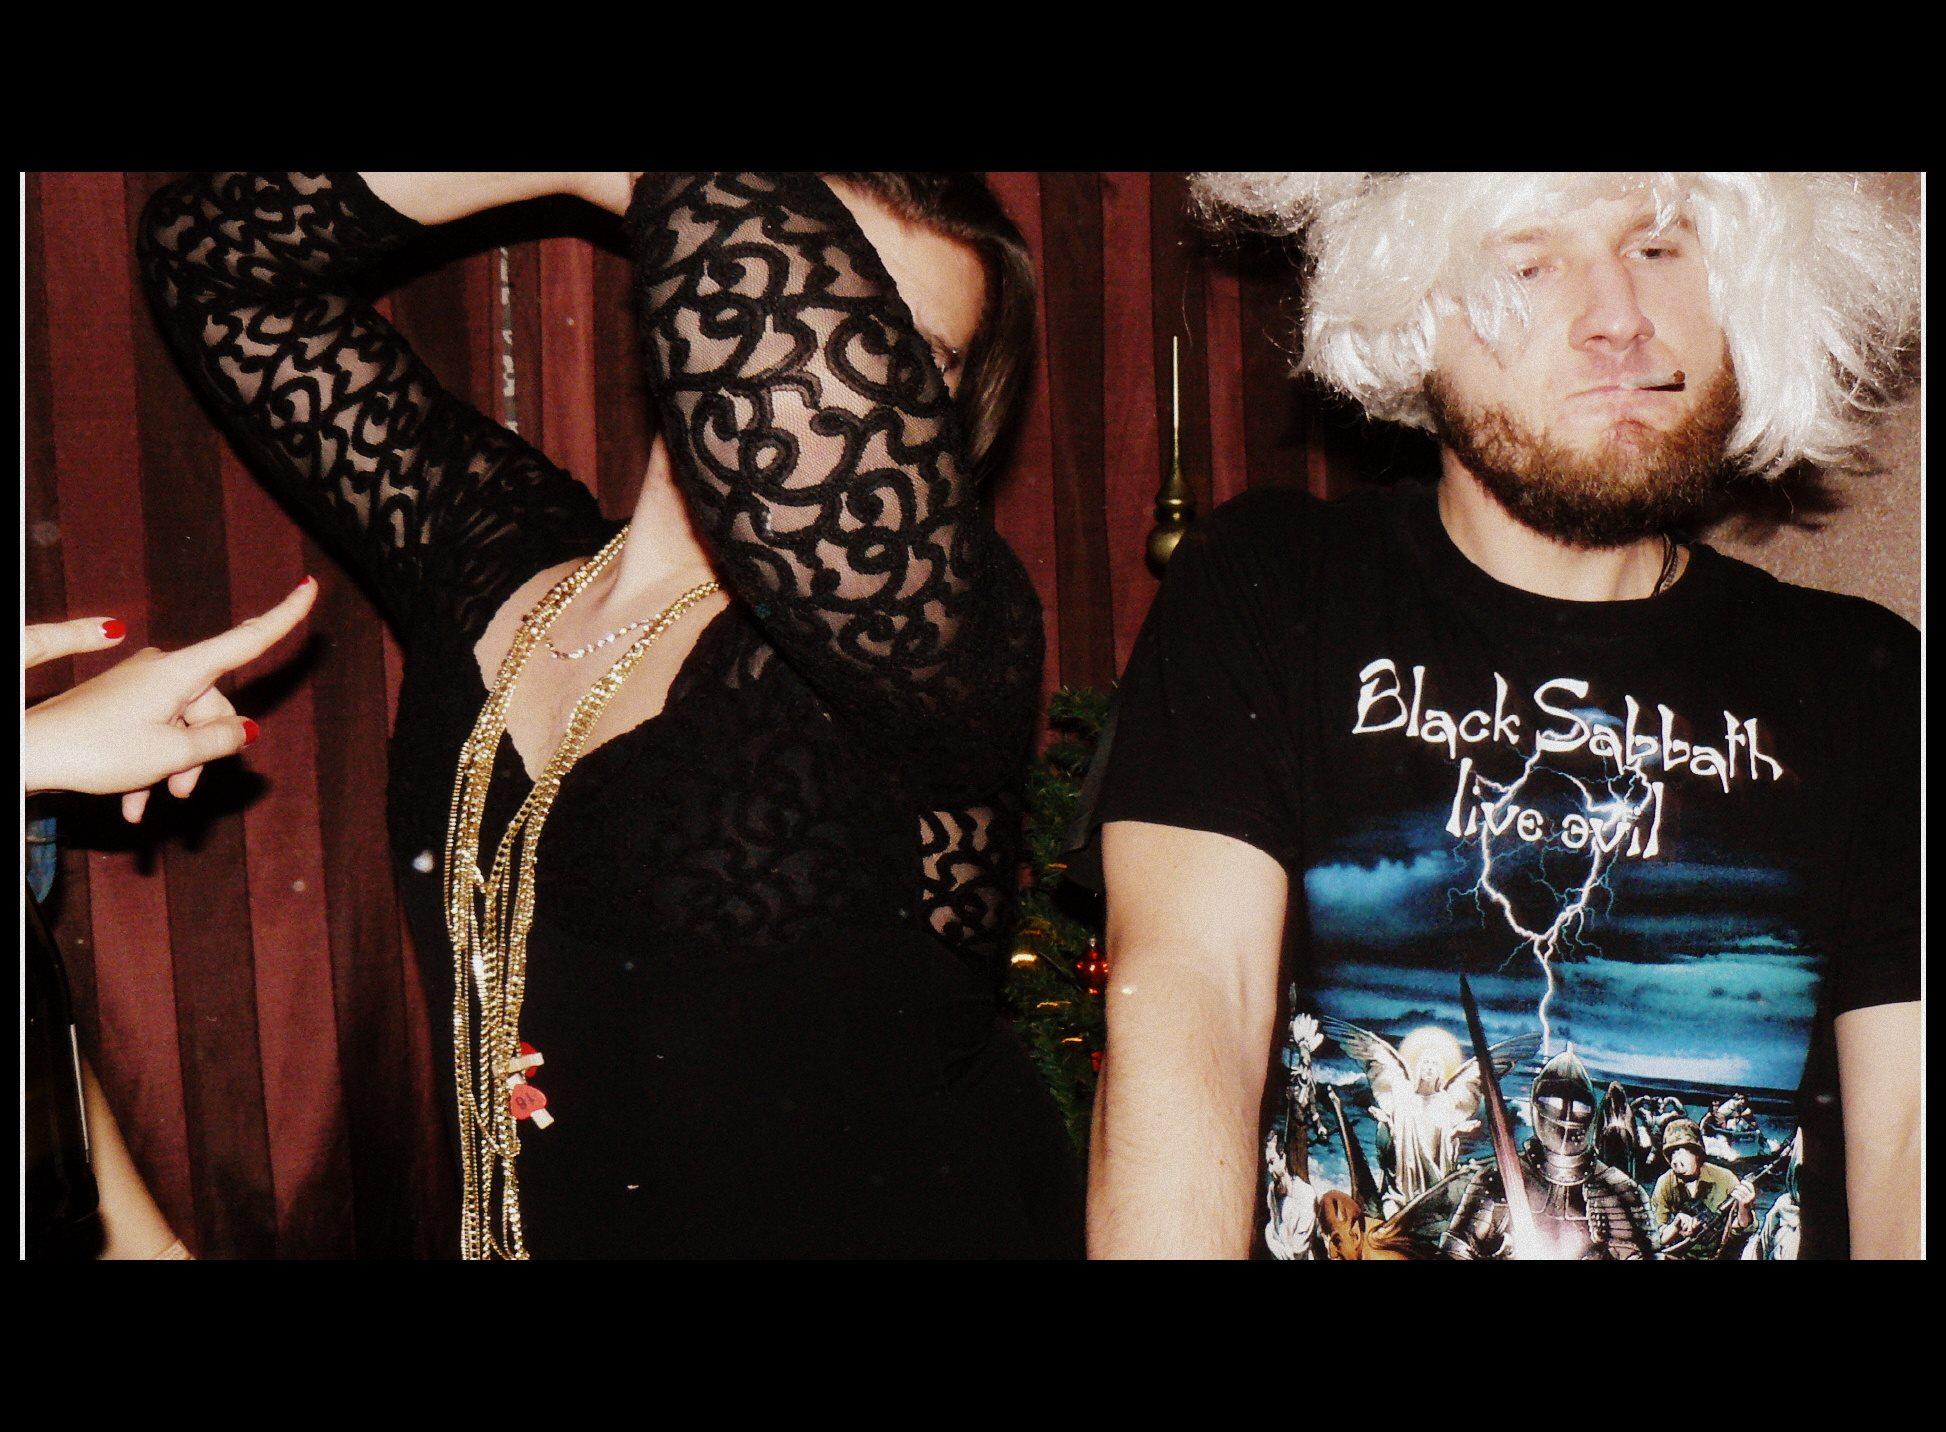 Iš kairės į dešinę: Nakties Fėja, Simonas Bulotas. Rūtos Vyžintaitės nuotrauka